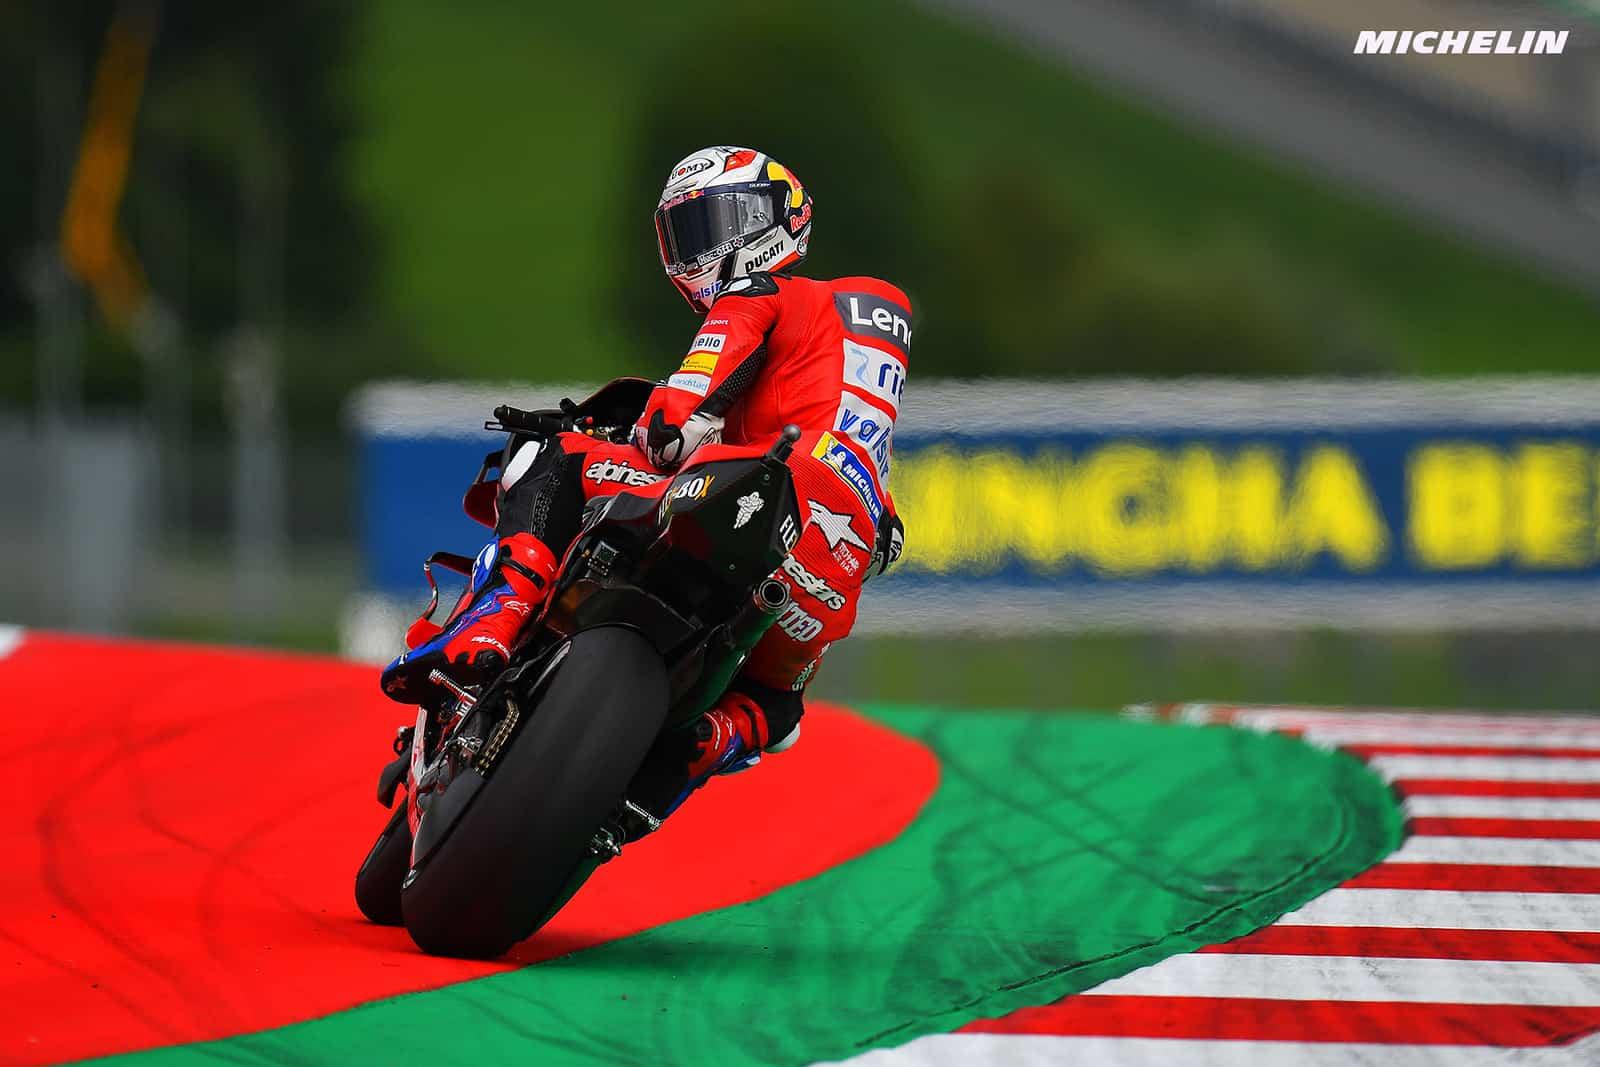 Ducati パオロ・チャバッティ「ドヴィツィオーゾはケーシー以来、最高のライダー」